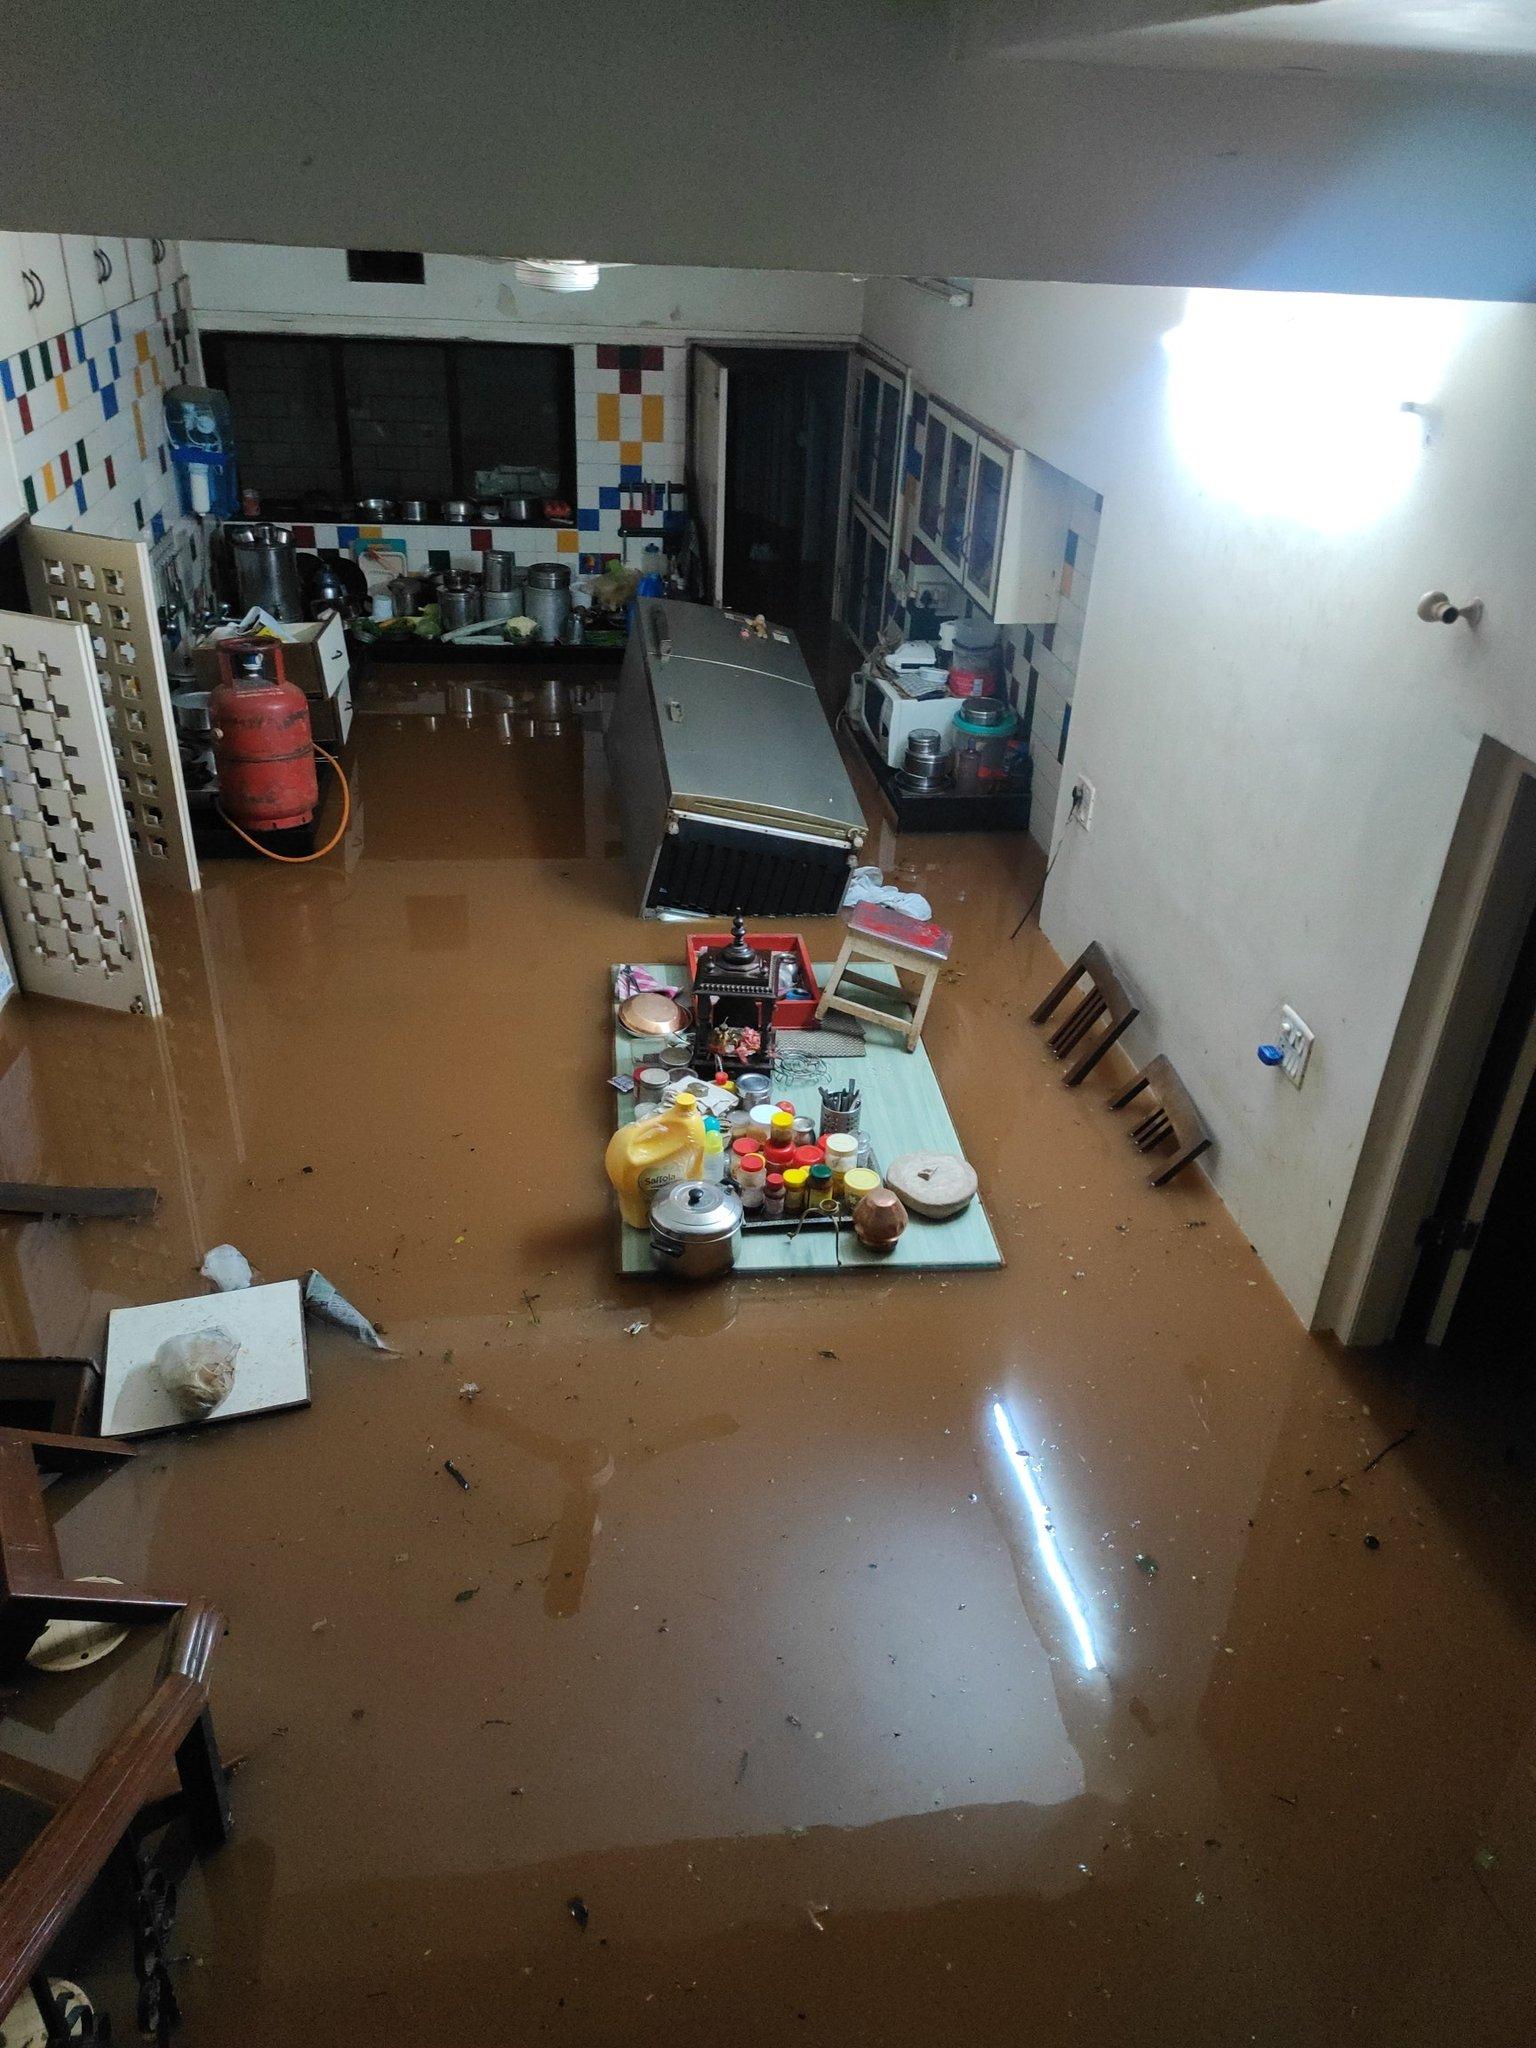 घरों में पानी घुसने से सामान भी तैरने लगे।